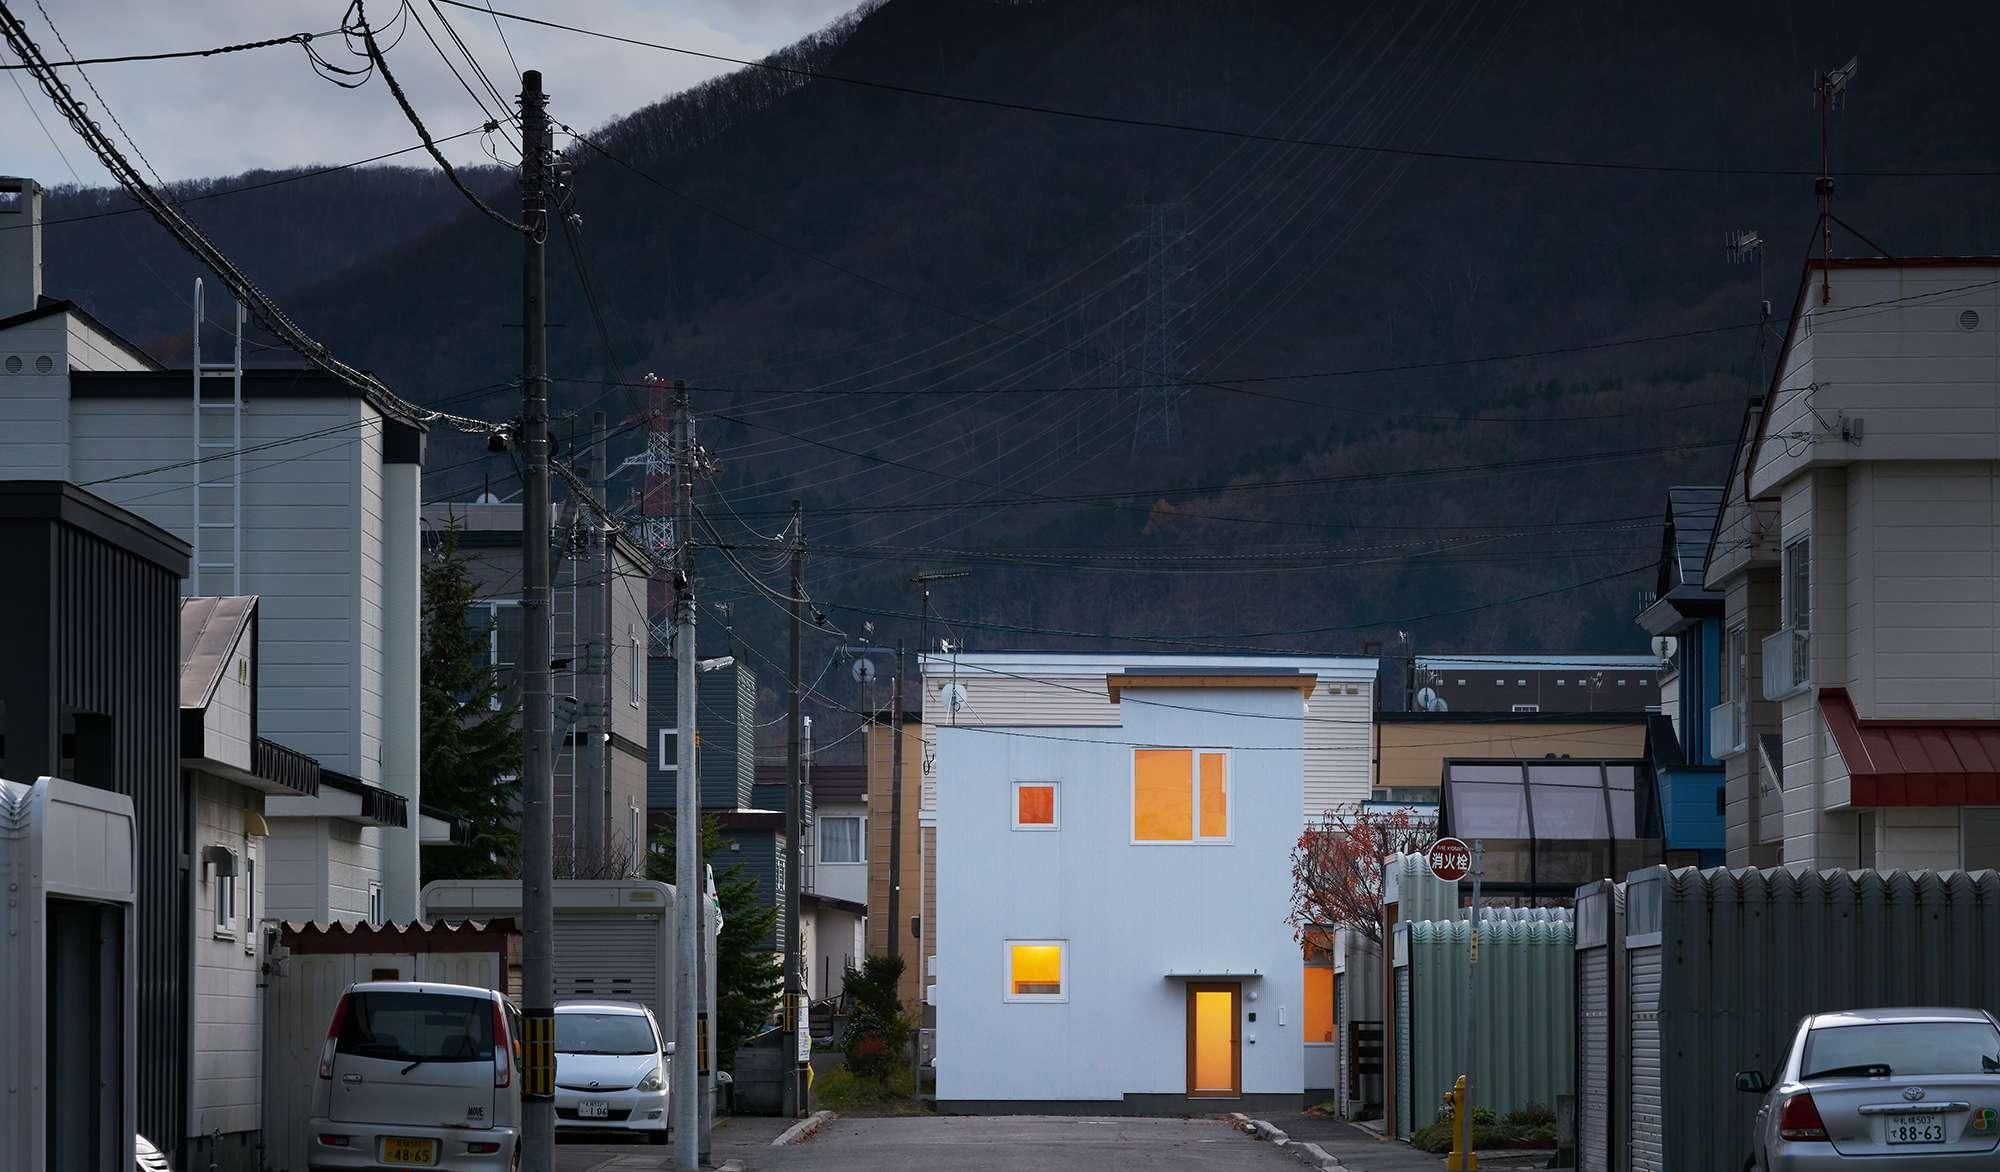 山裾の家 - House at the foot of a mountain